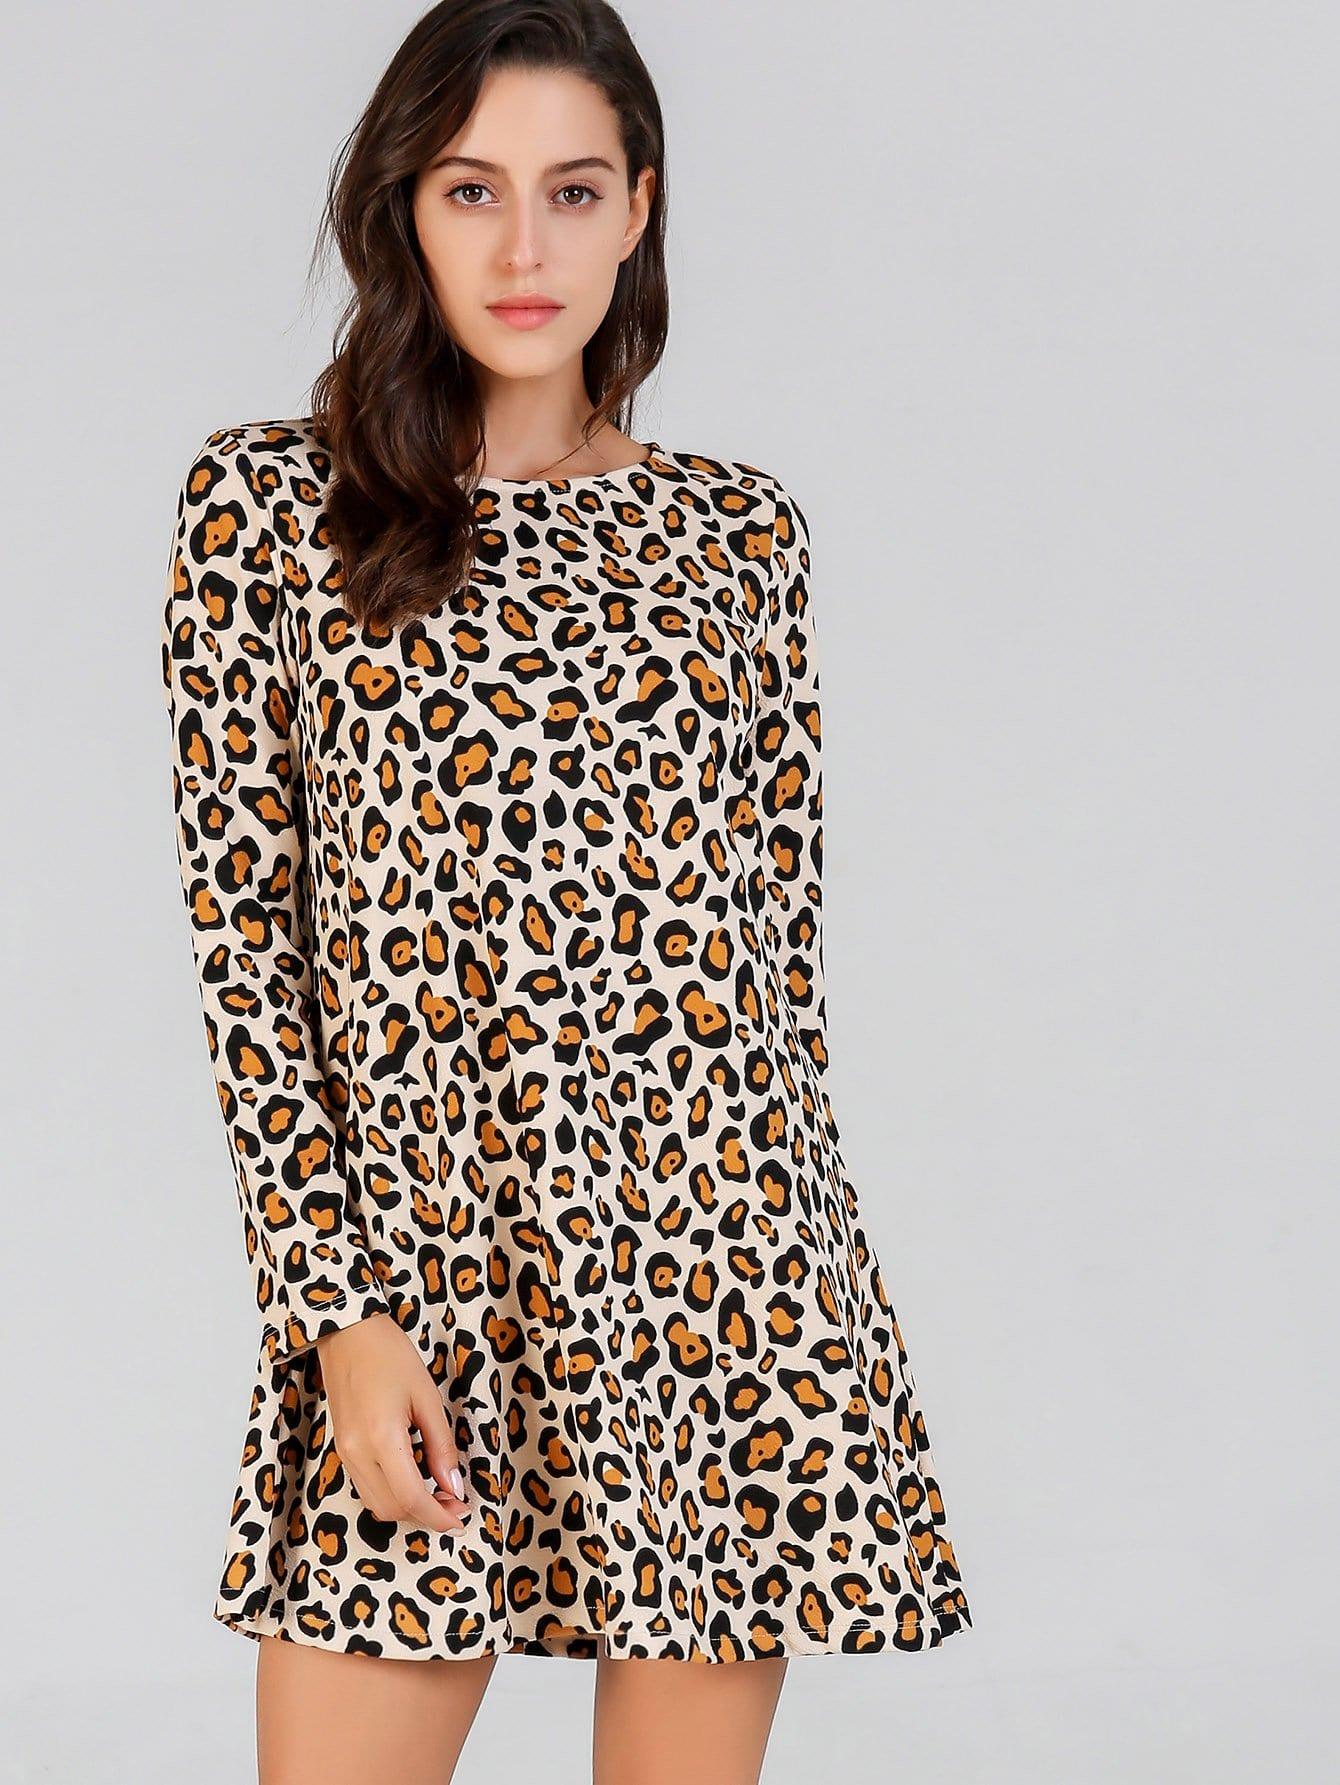 Купить Платье для маникюра Leopard, Mary P., SheIn